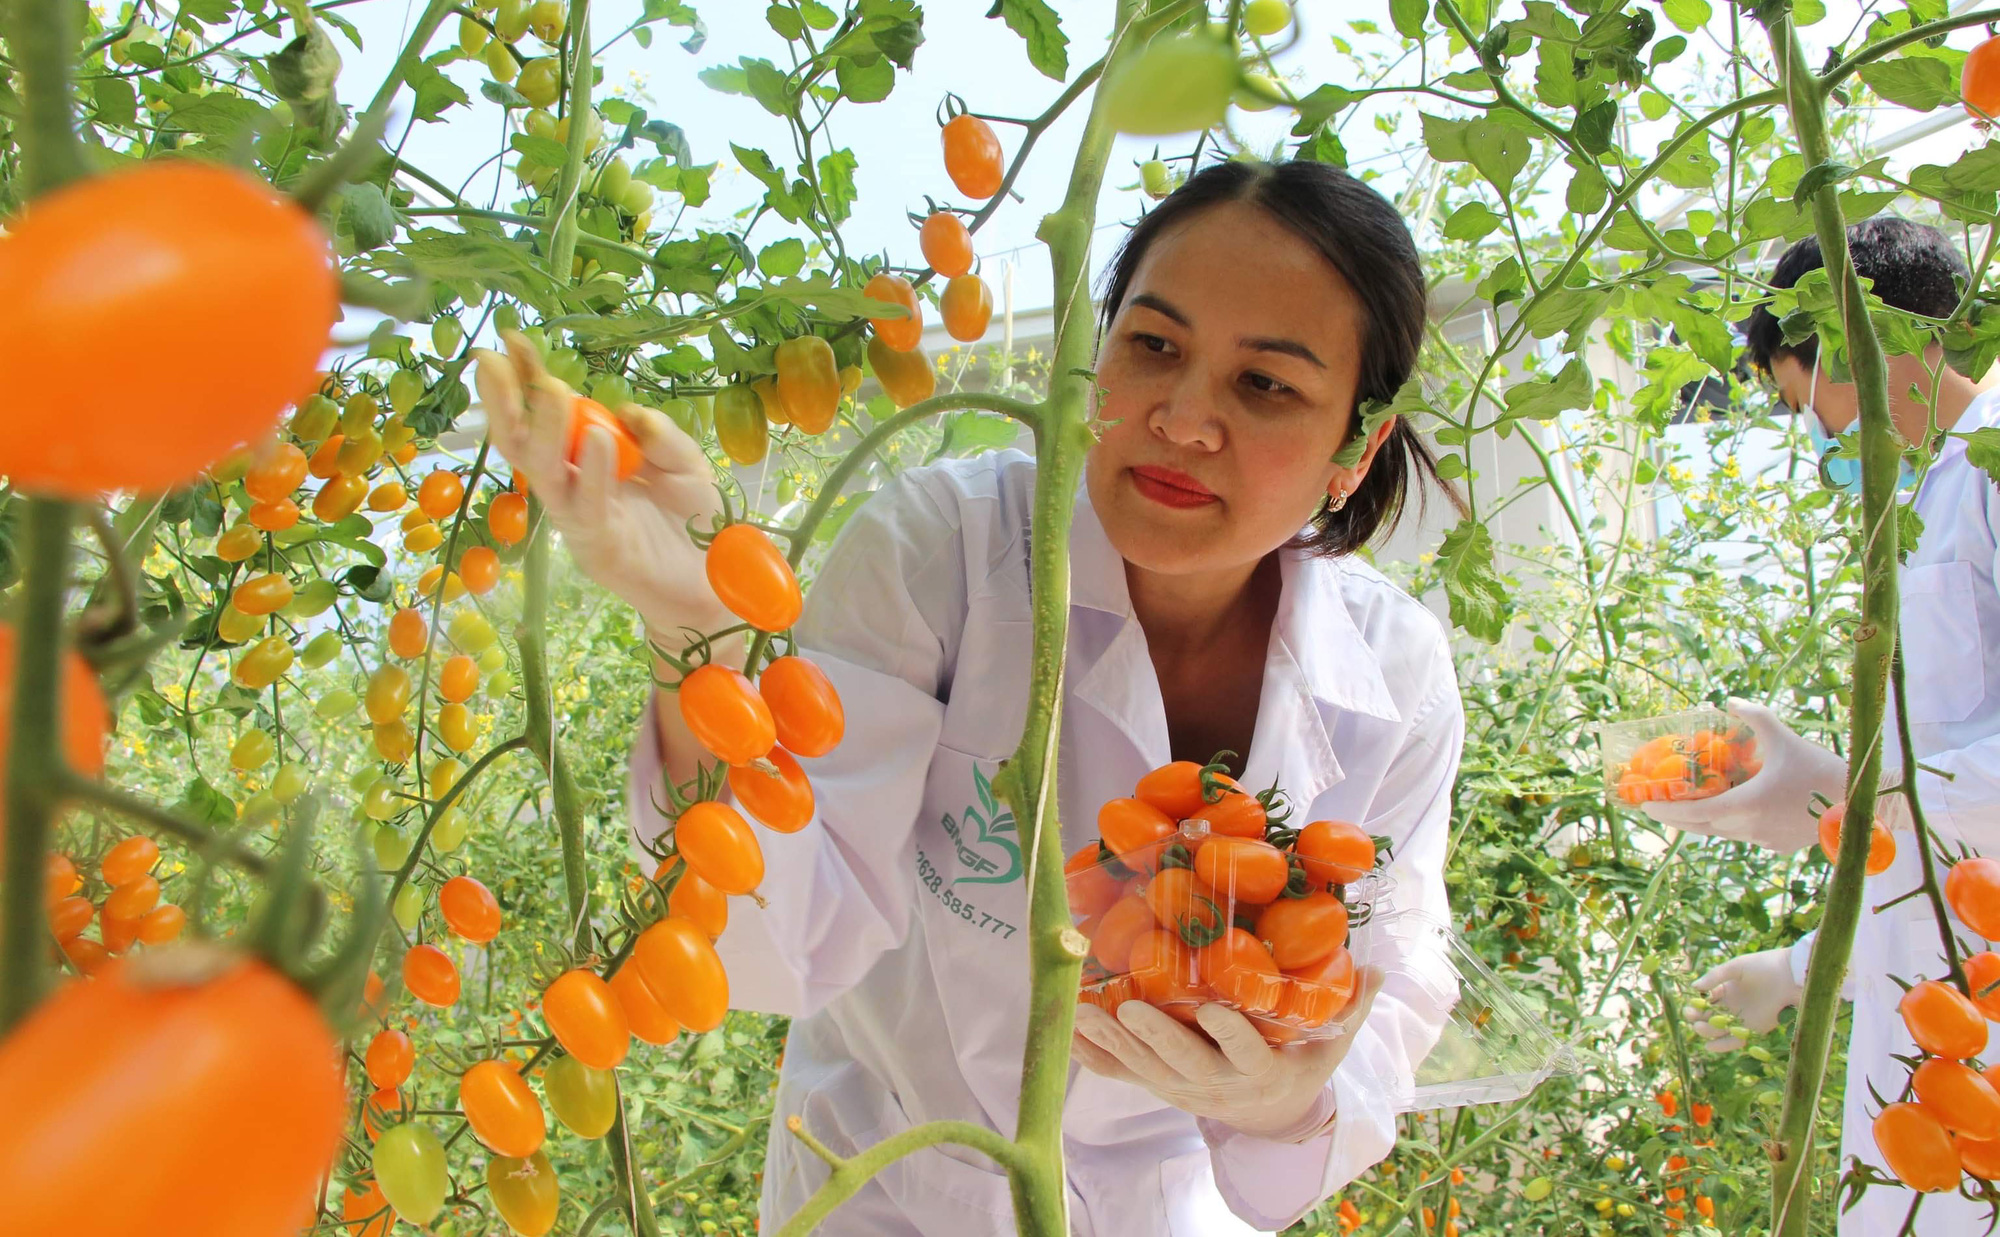 Mê mẩn vườn cà chua Nova công nghệ cao của cô giáo đam mê nông nghiệp sạch - Ảnh 6.